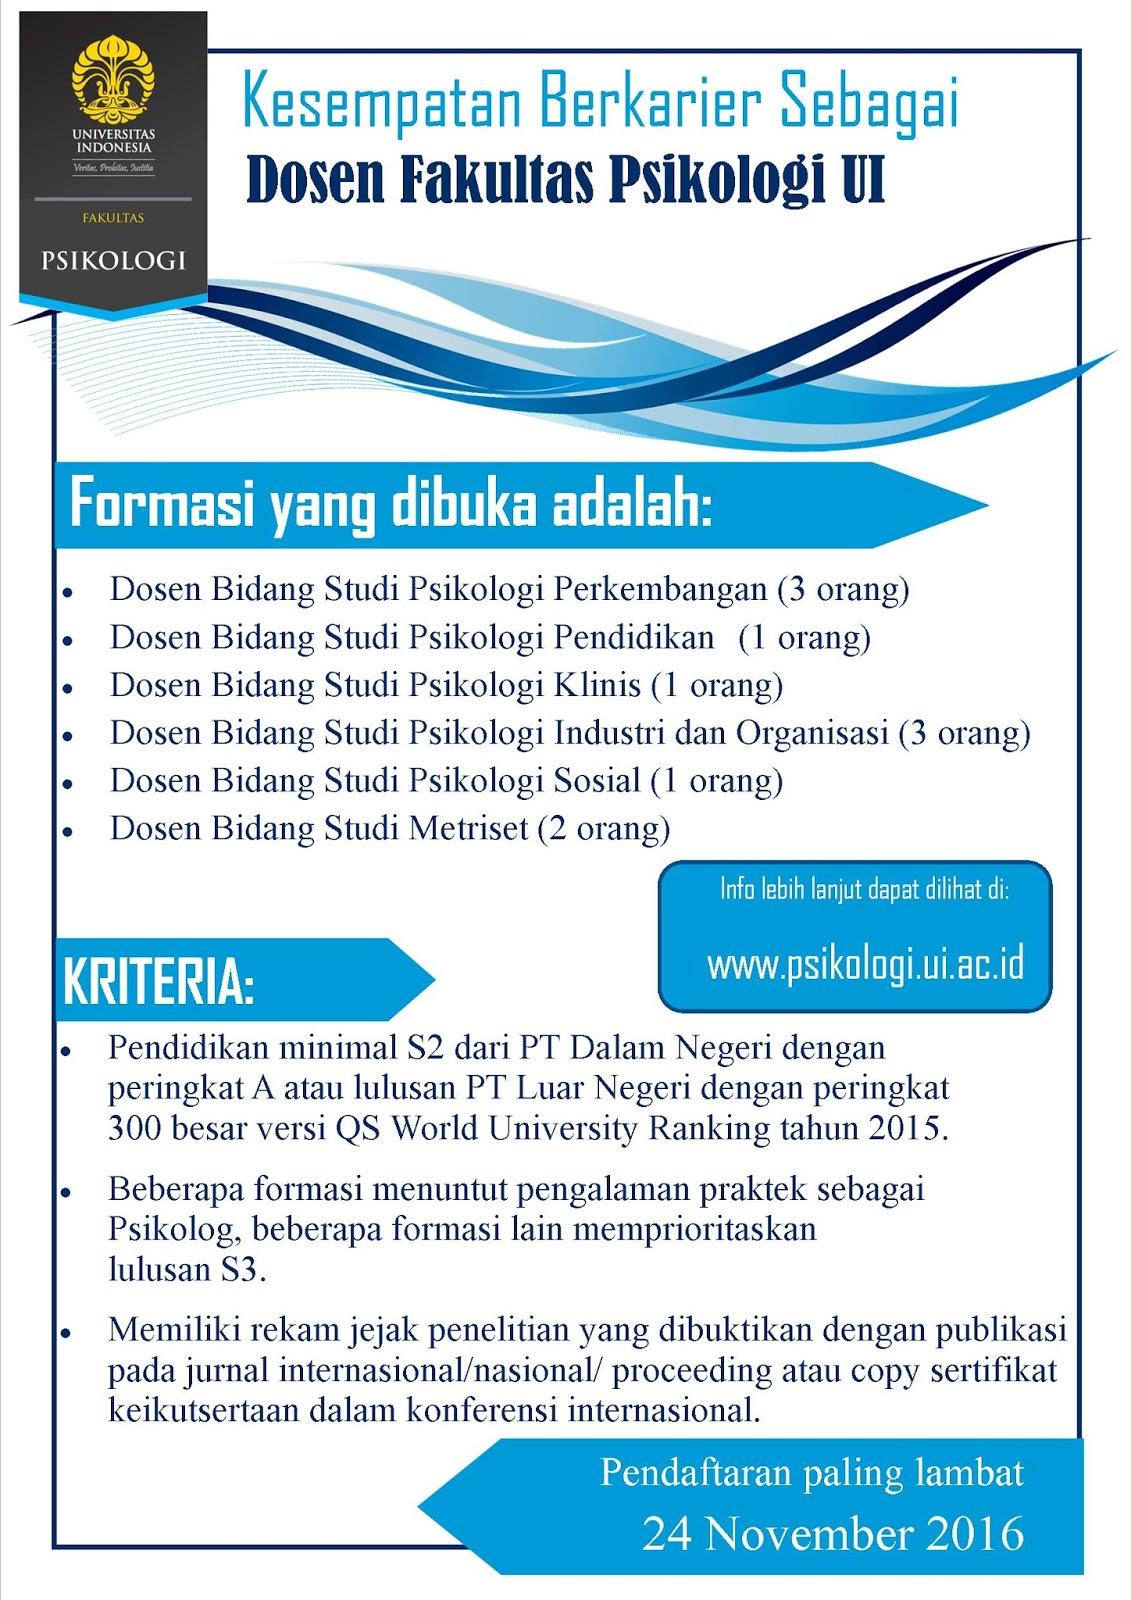 Lowongan Dosen Psikologi Universitas Indonesia